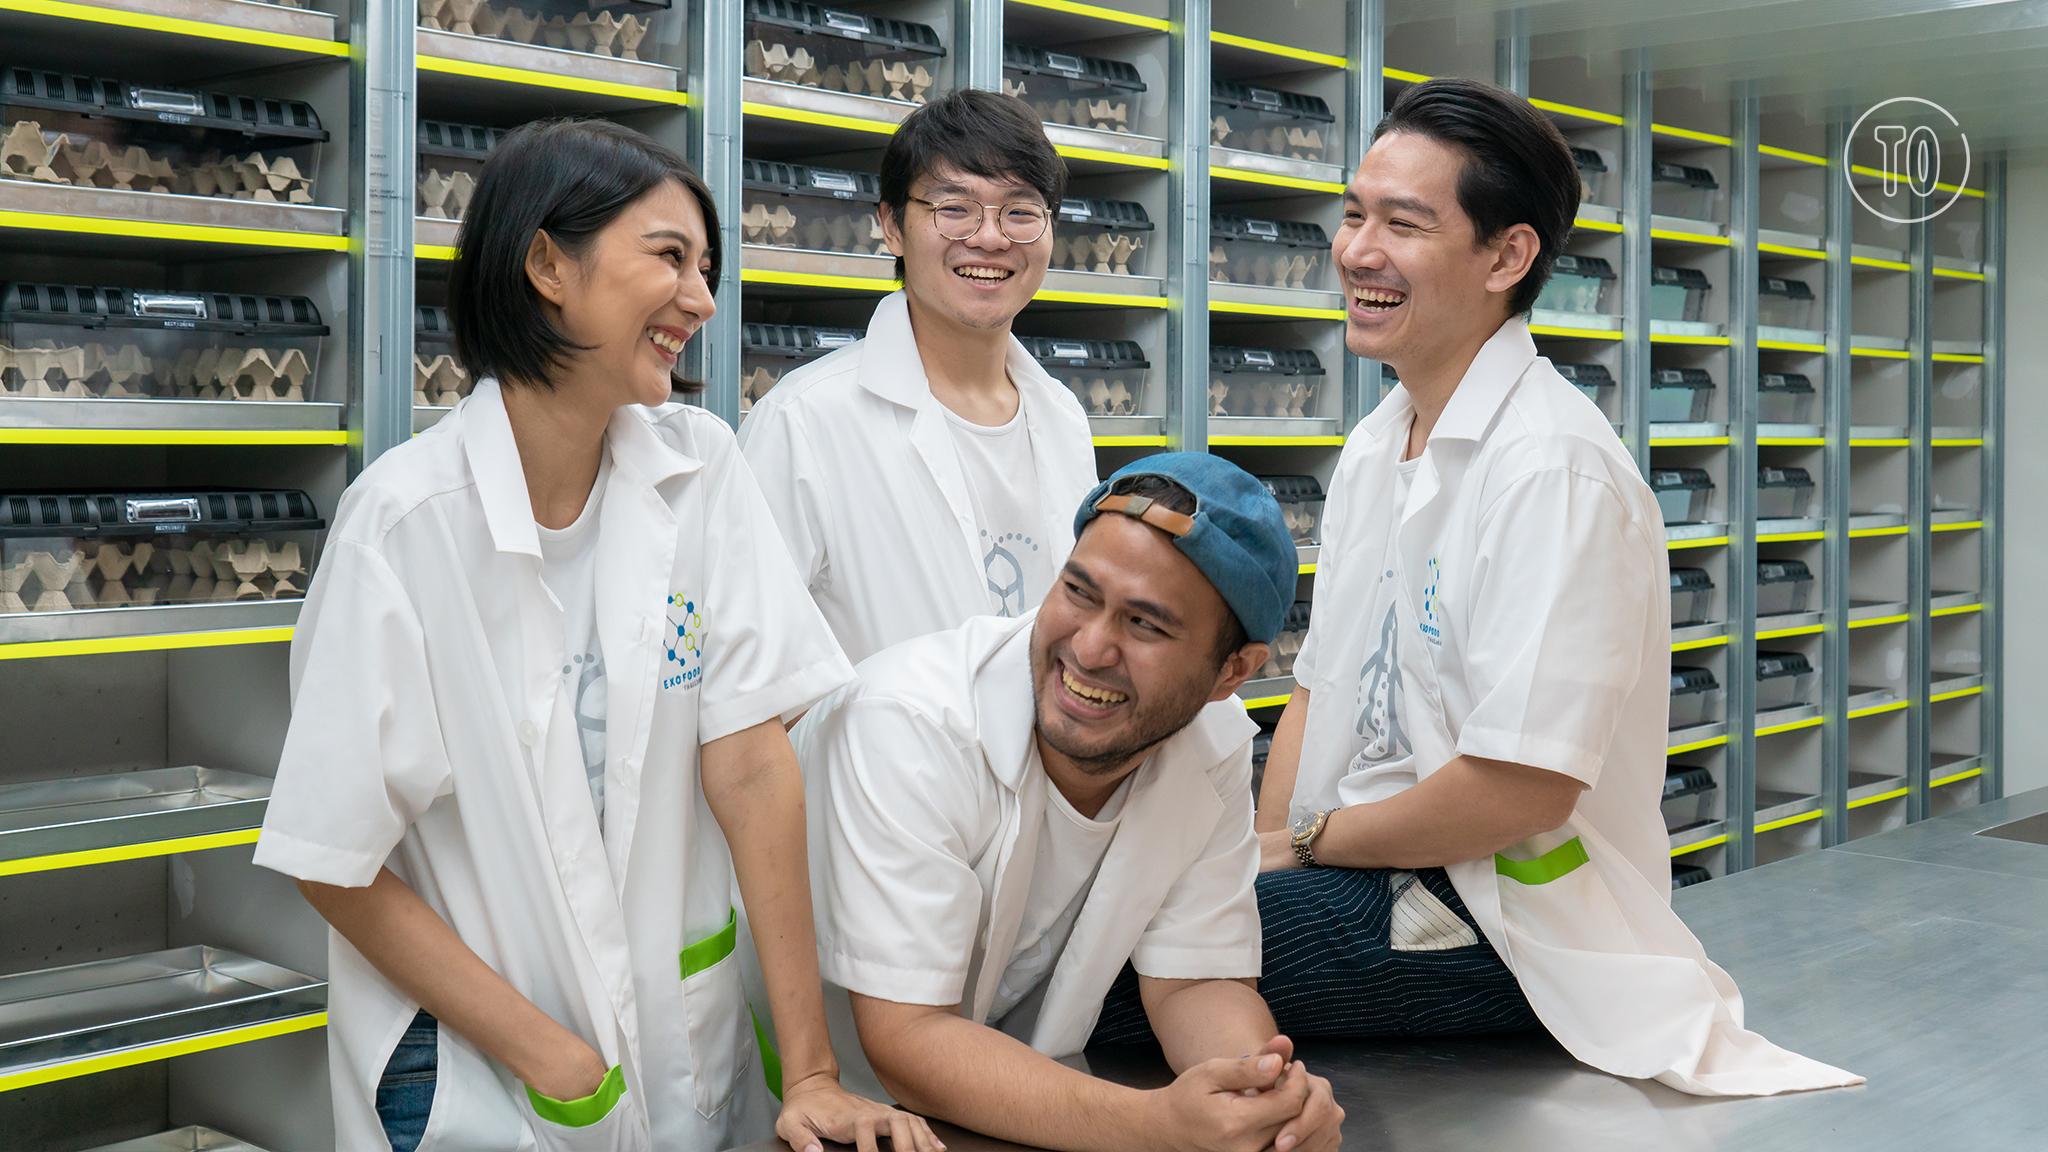 Exofood Thailand ฟาร์มแมลงแนวตั้งที่อาจกลายเป็น 'แหล่งอาหาร' ของเราในอนาคต